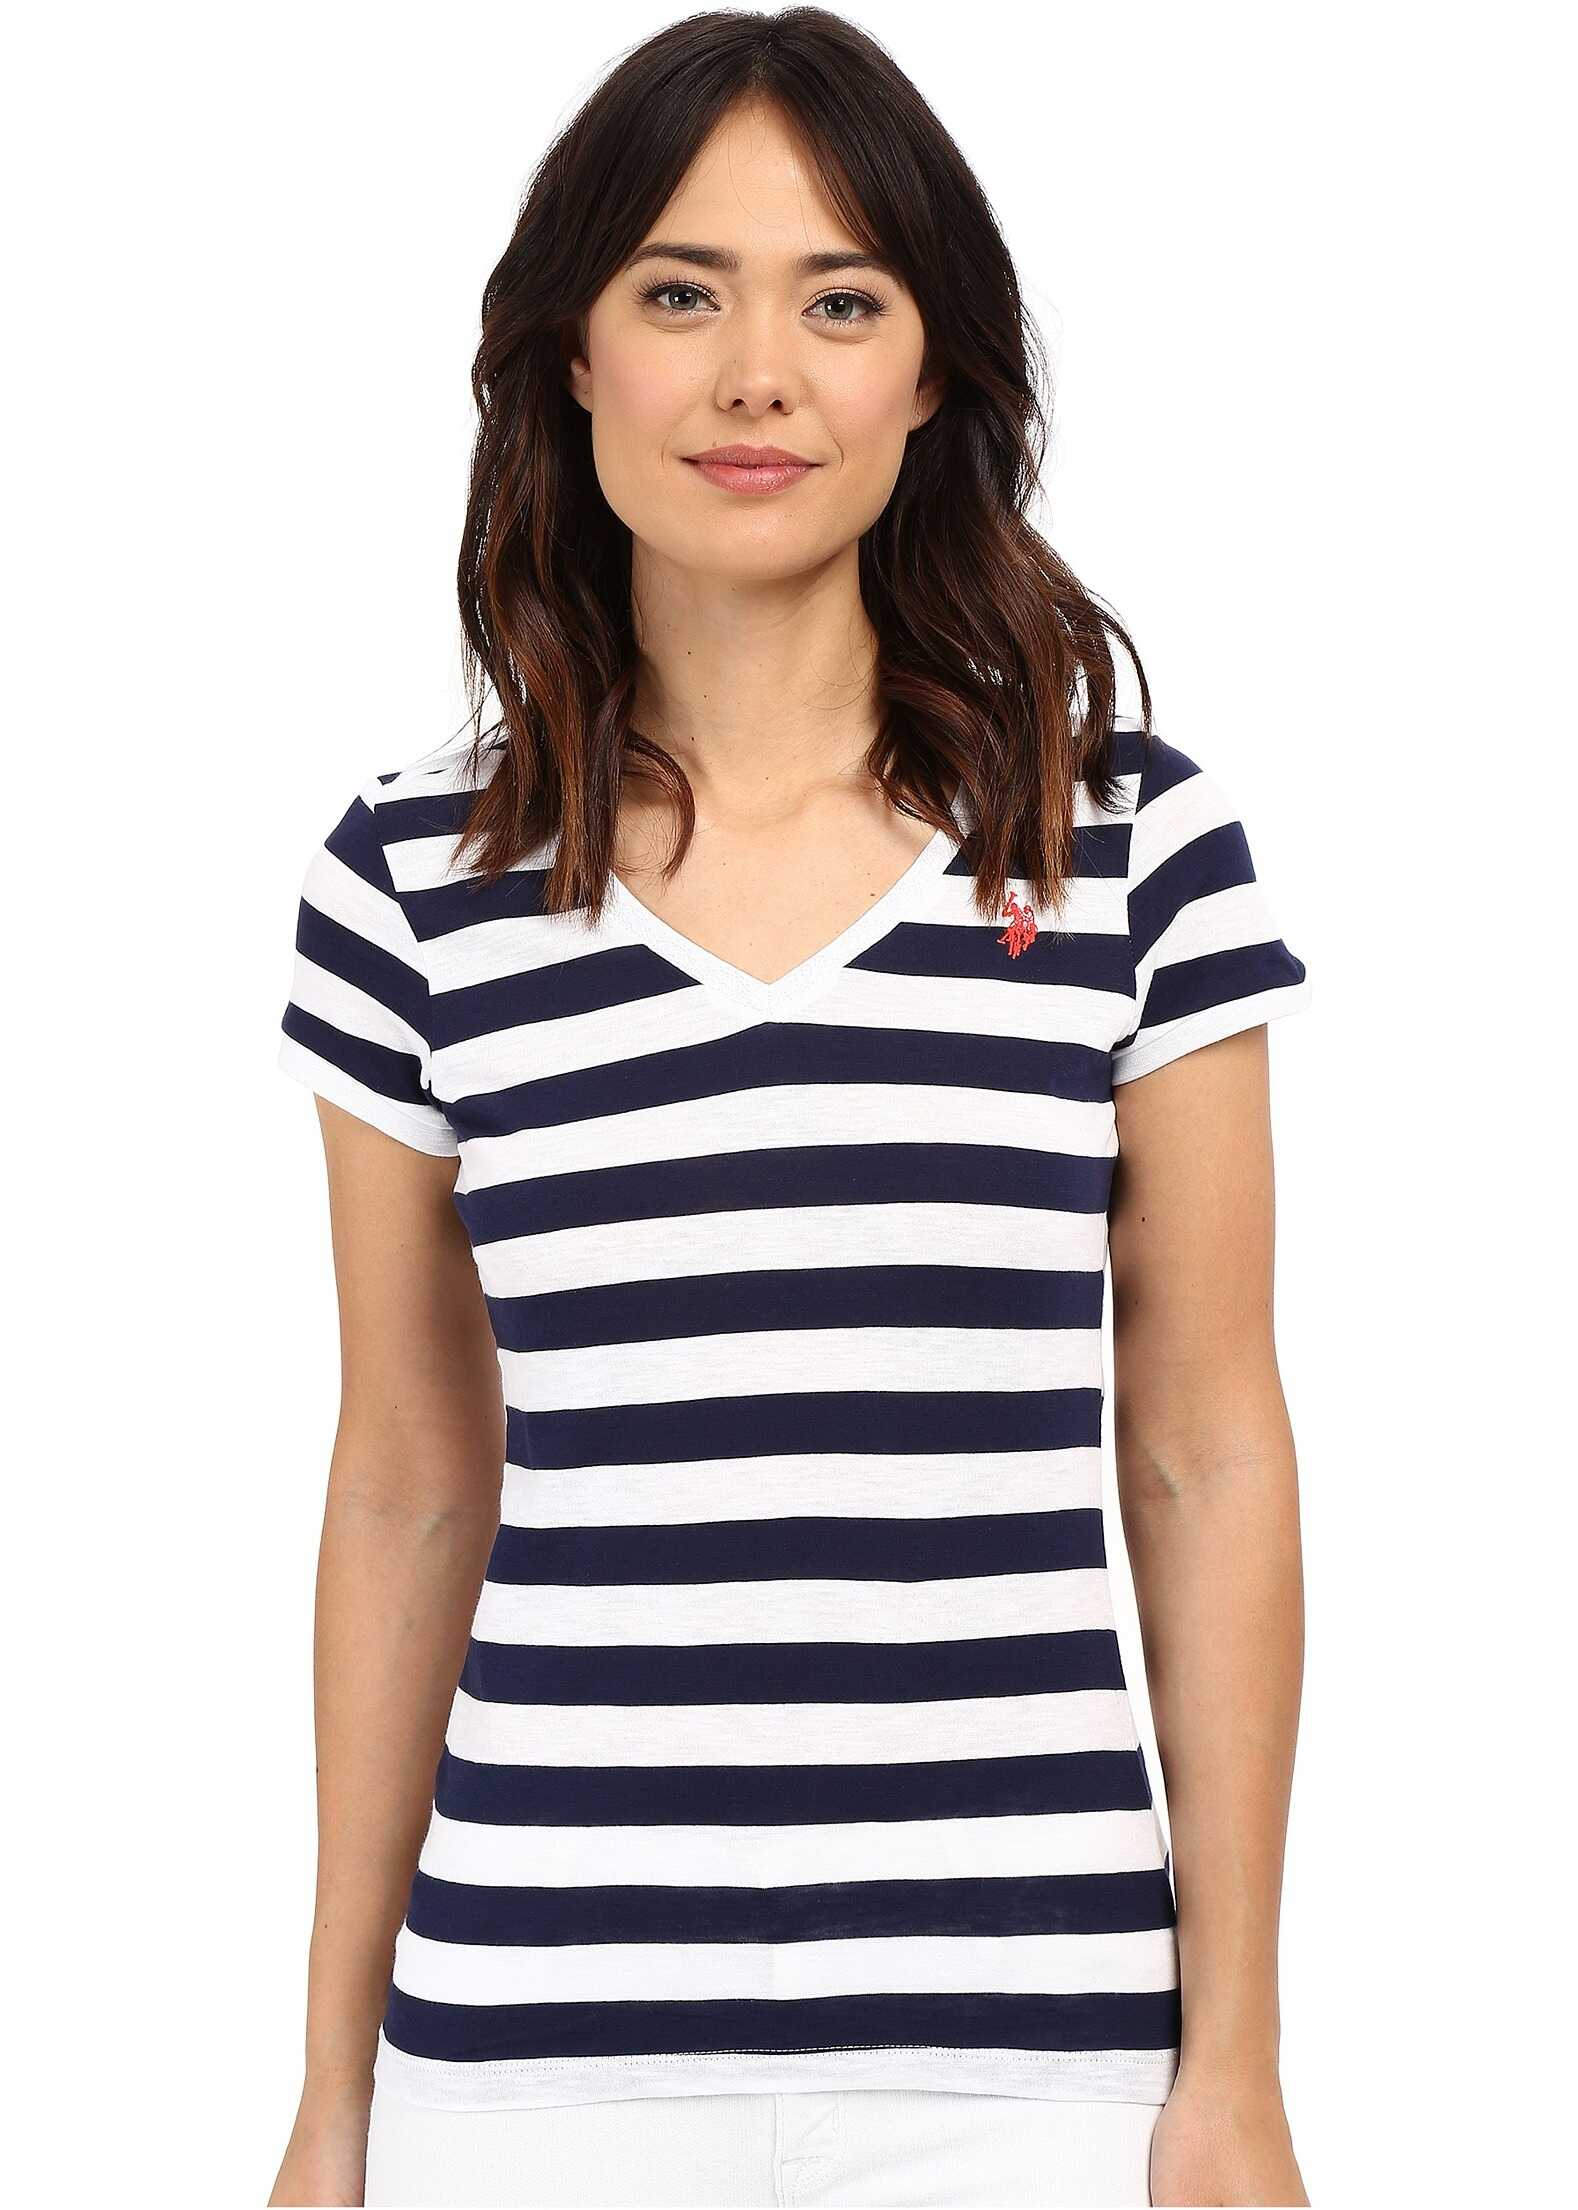 Lace Trim V-Neck T-Shirt